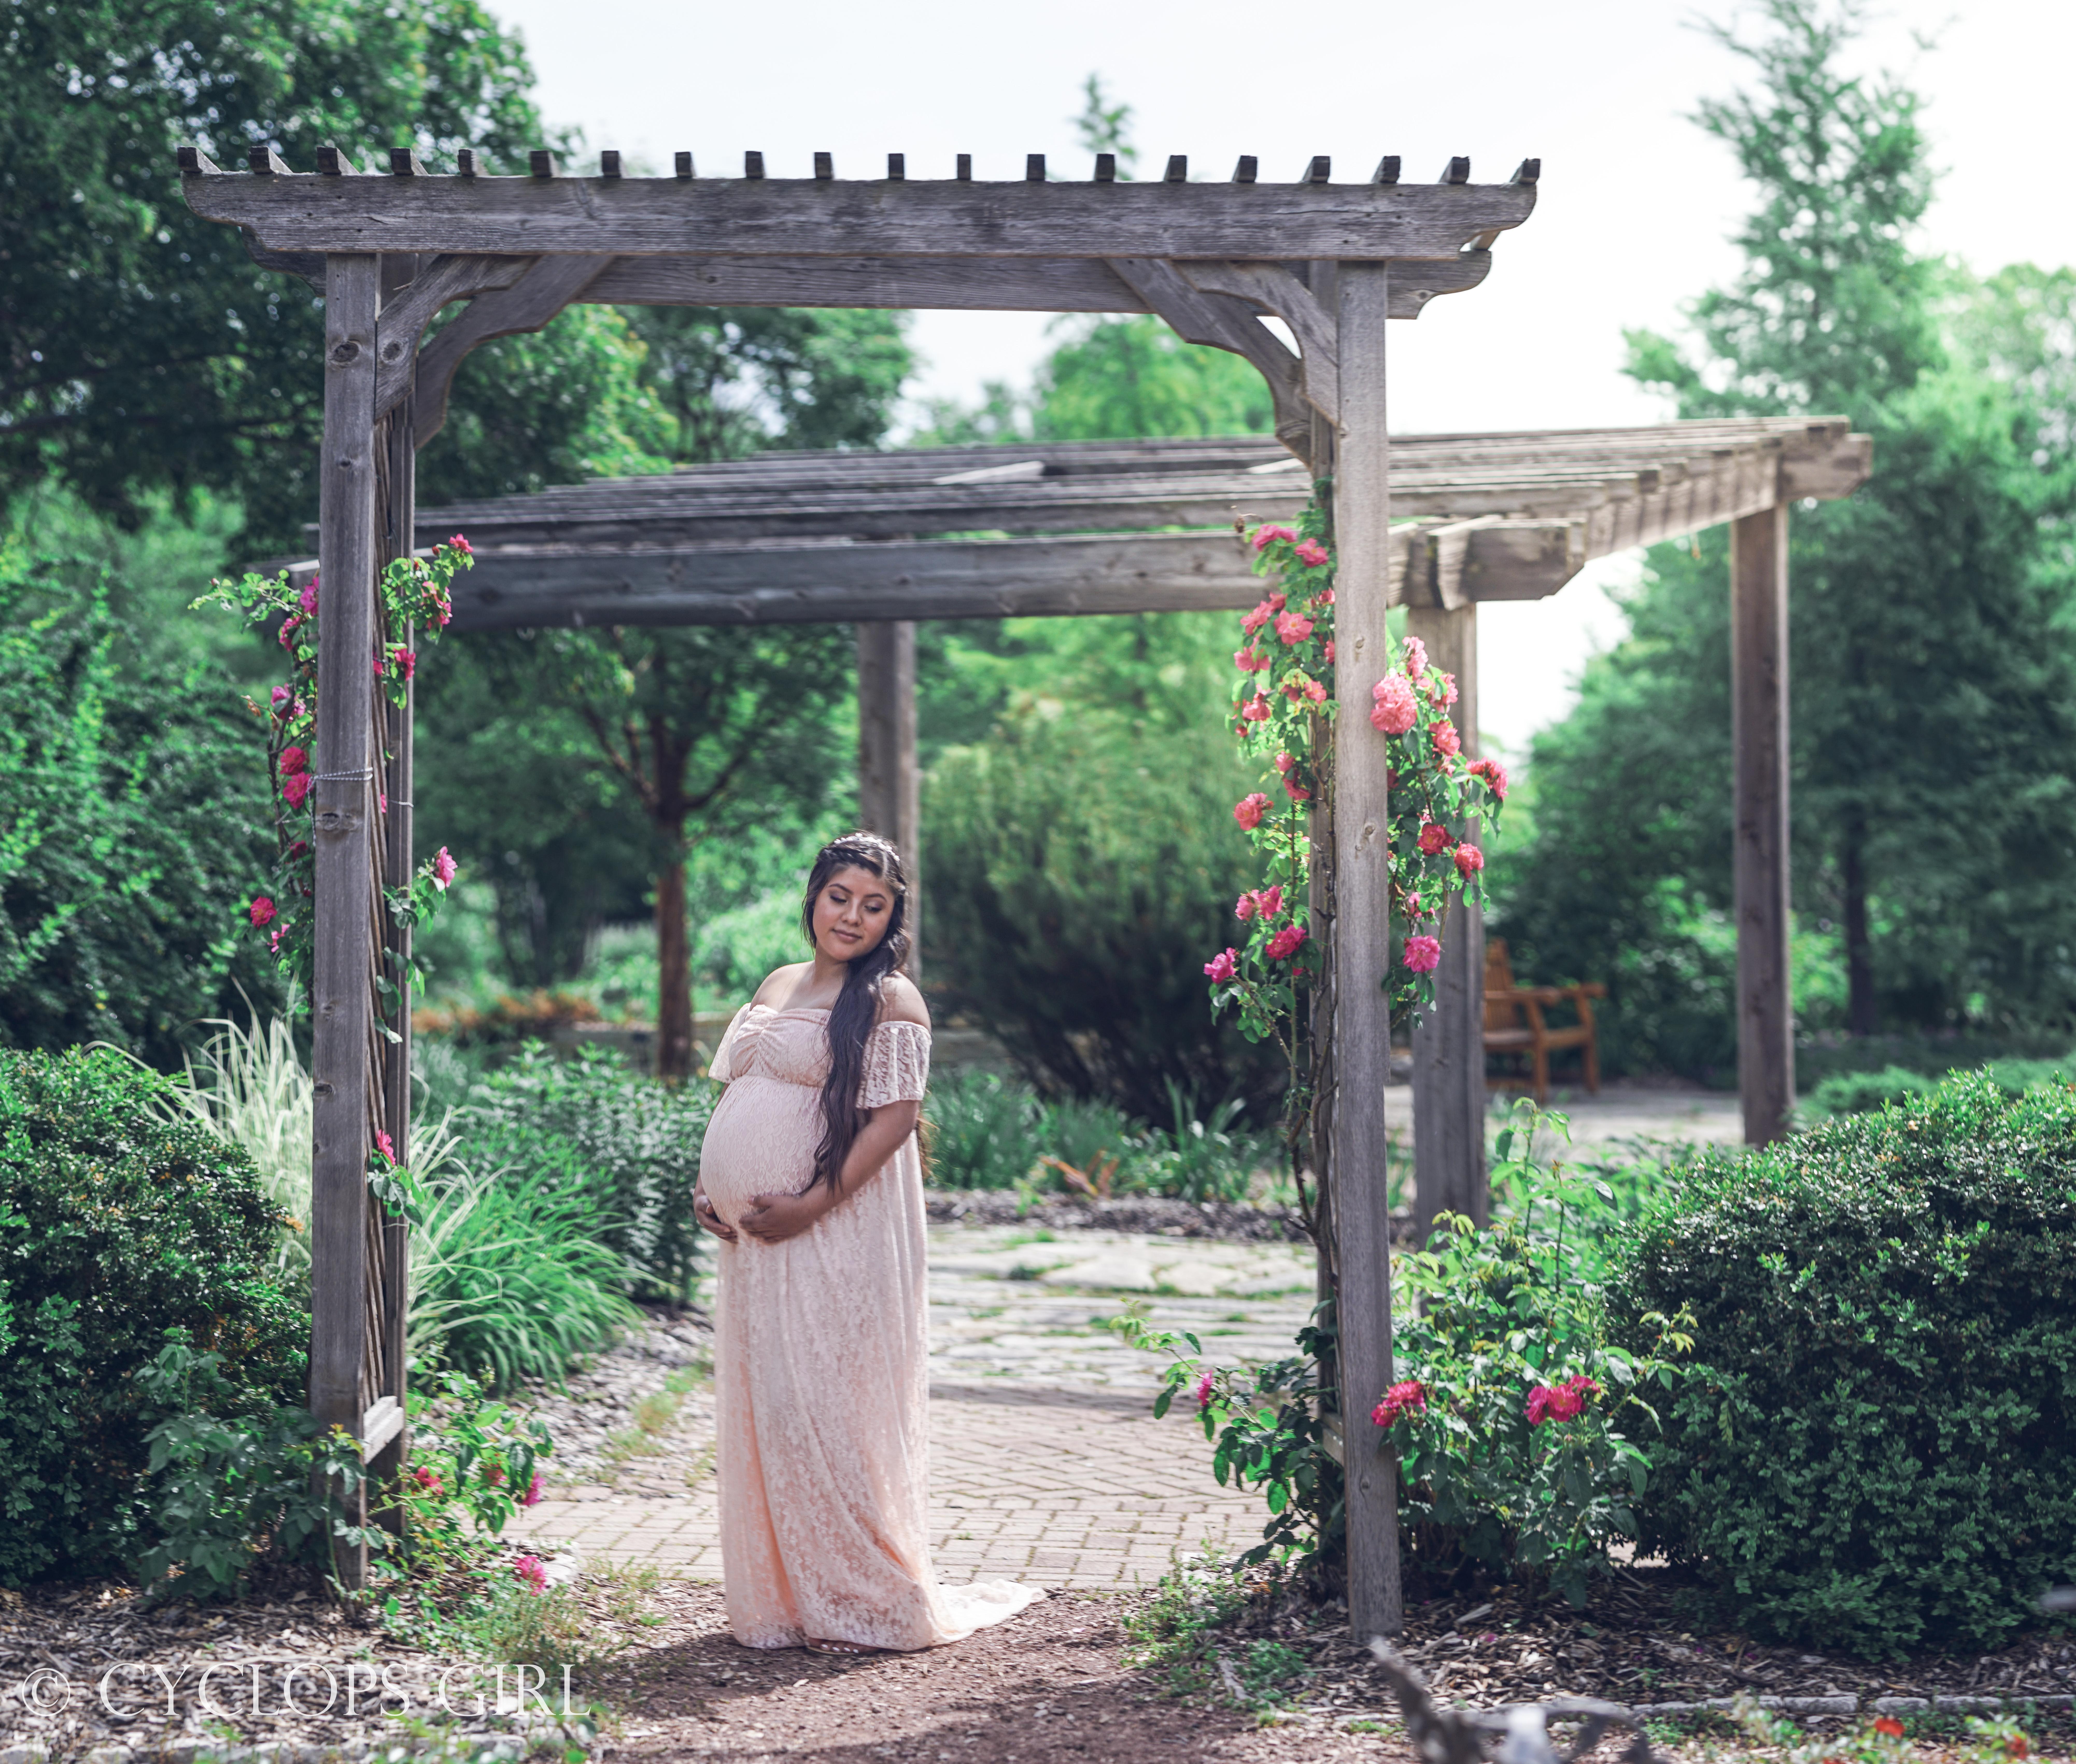 Selena Leon Maternity Photoshoot by Cycl